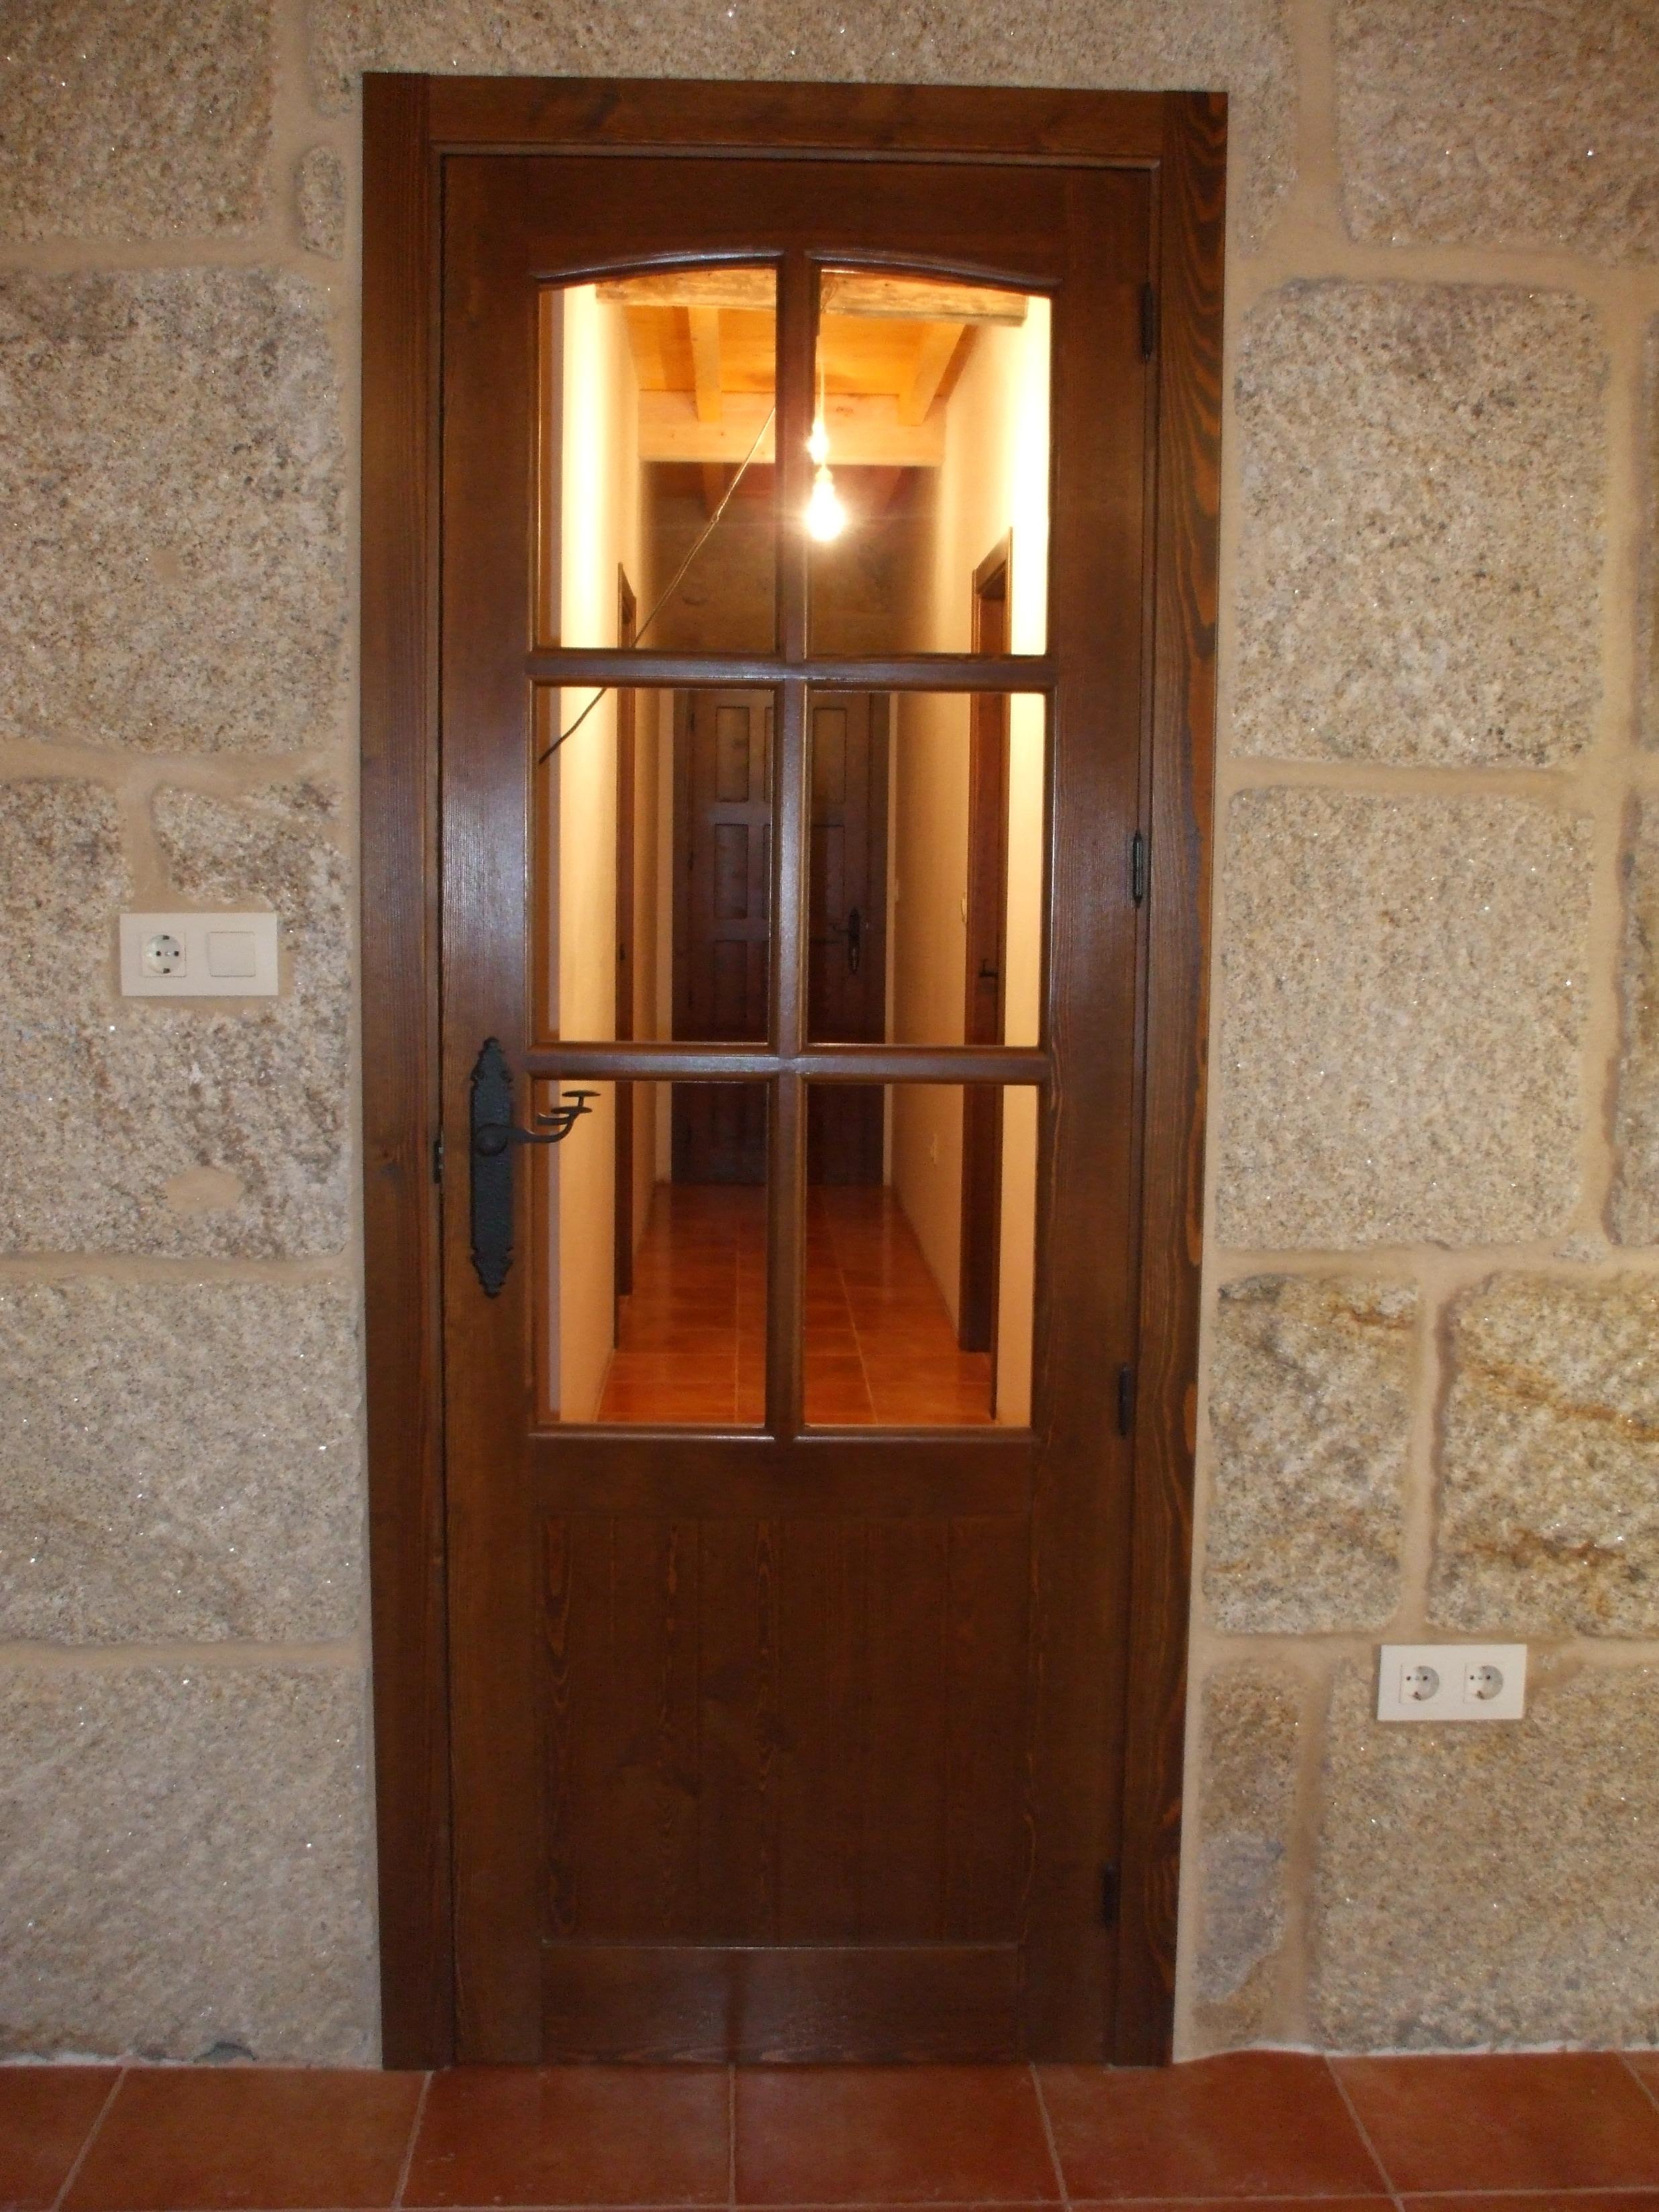 Puertas rusticas de interior modelo cuenca con curva - Puertas correderas interior rusticas ...